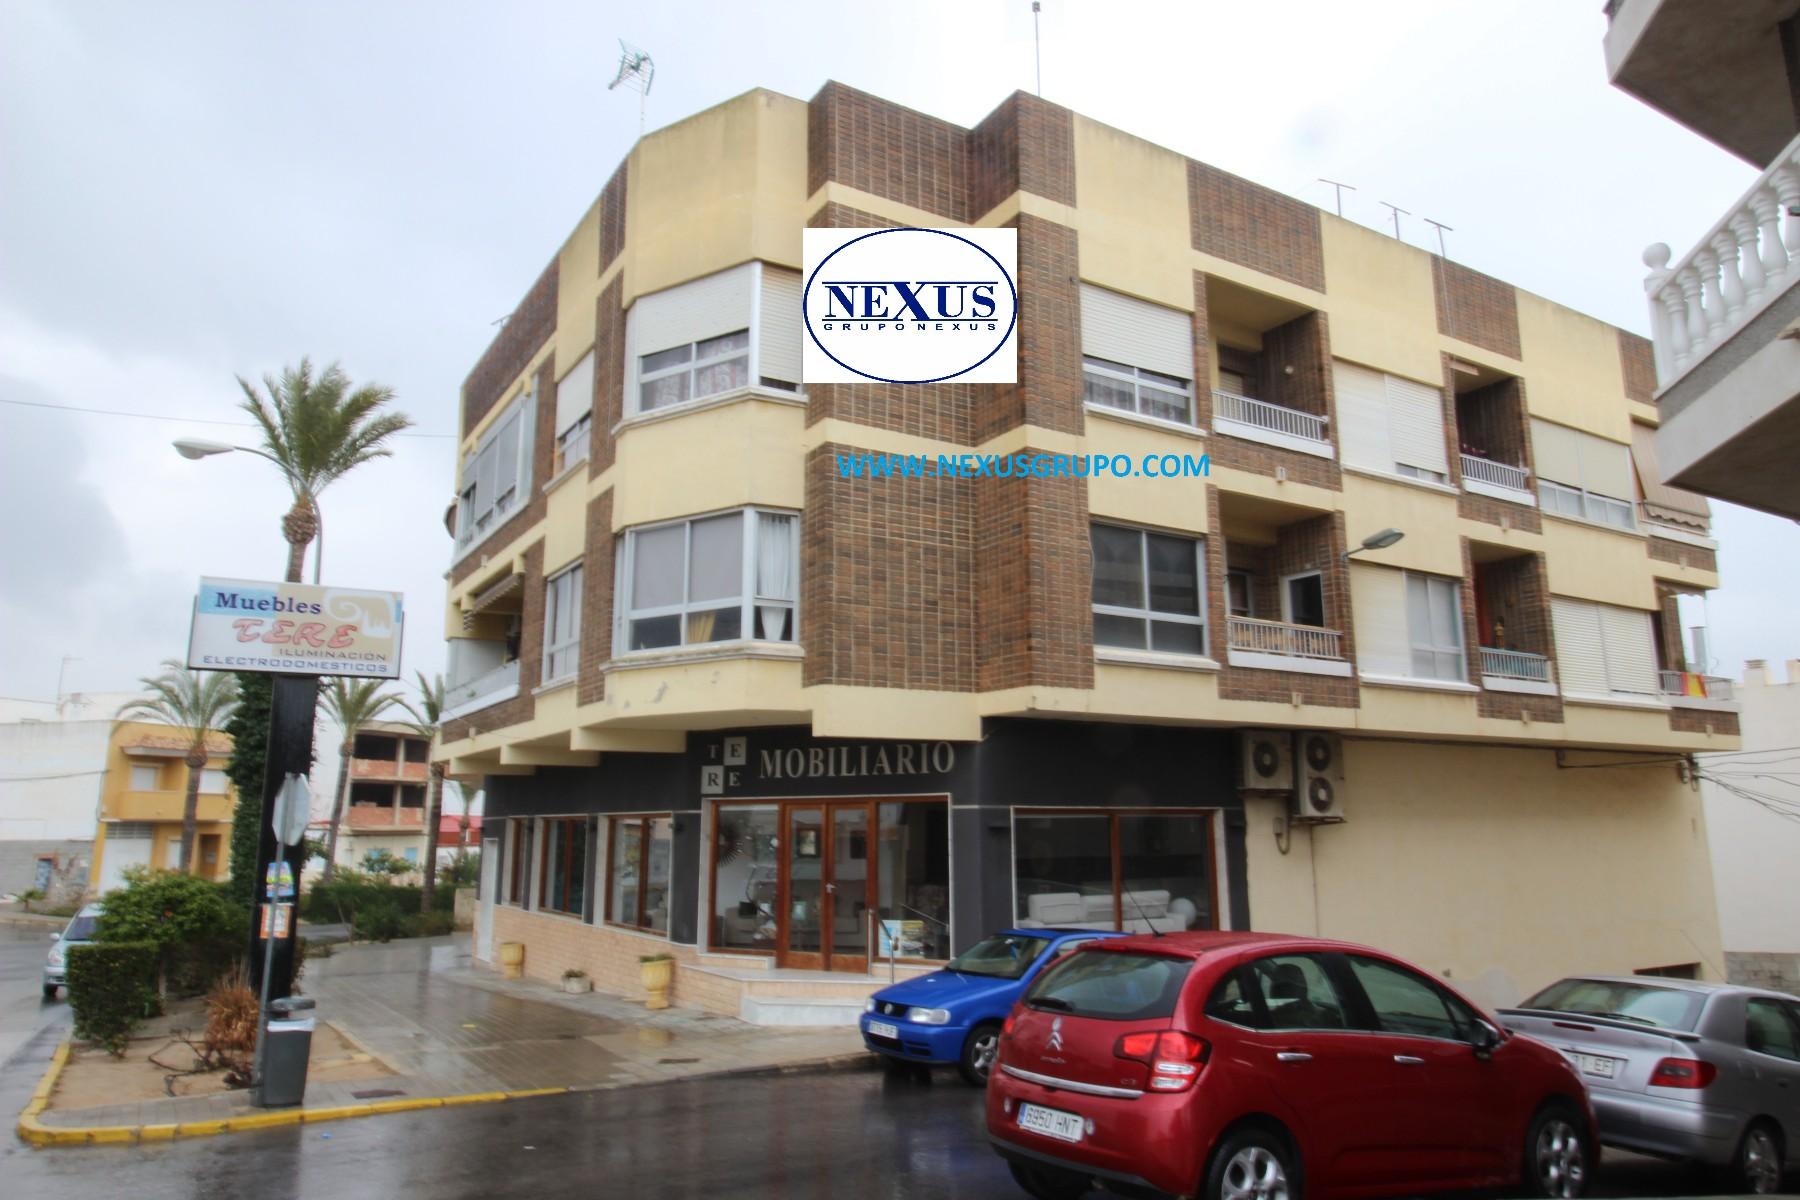 4 bedroom Apartament in  in Nexus Grupo